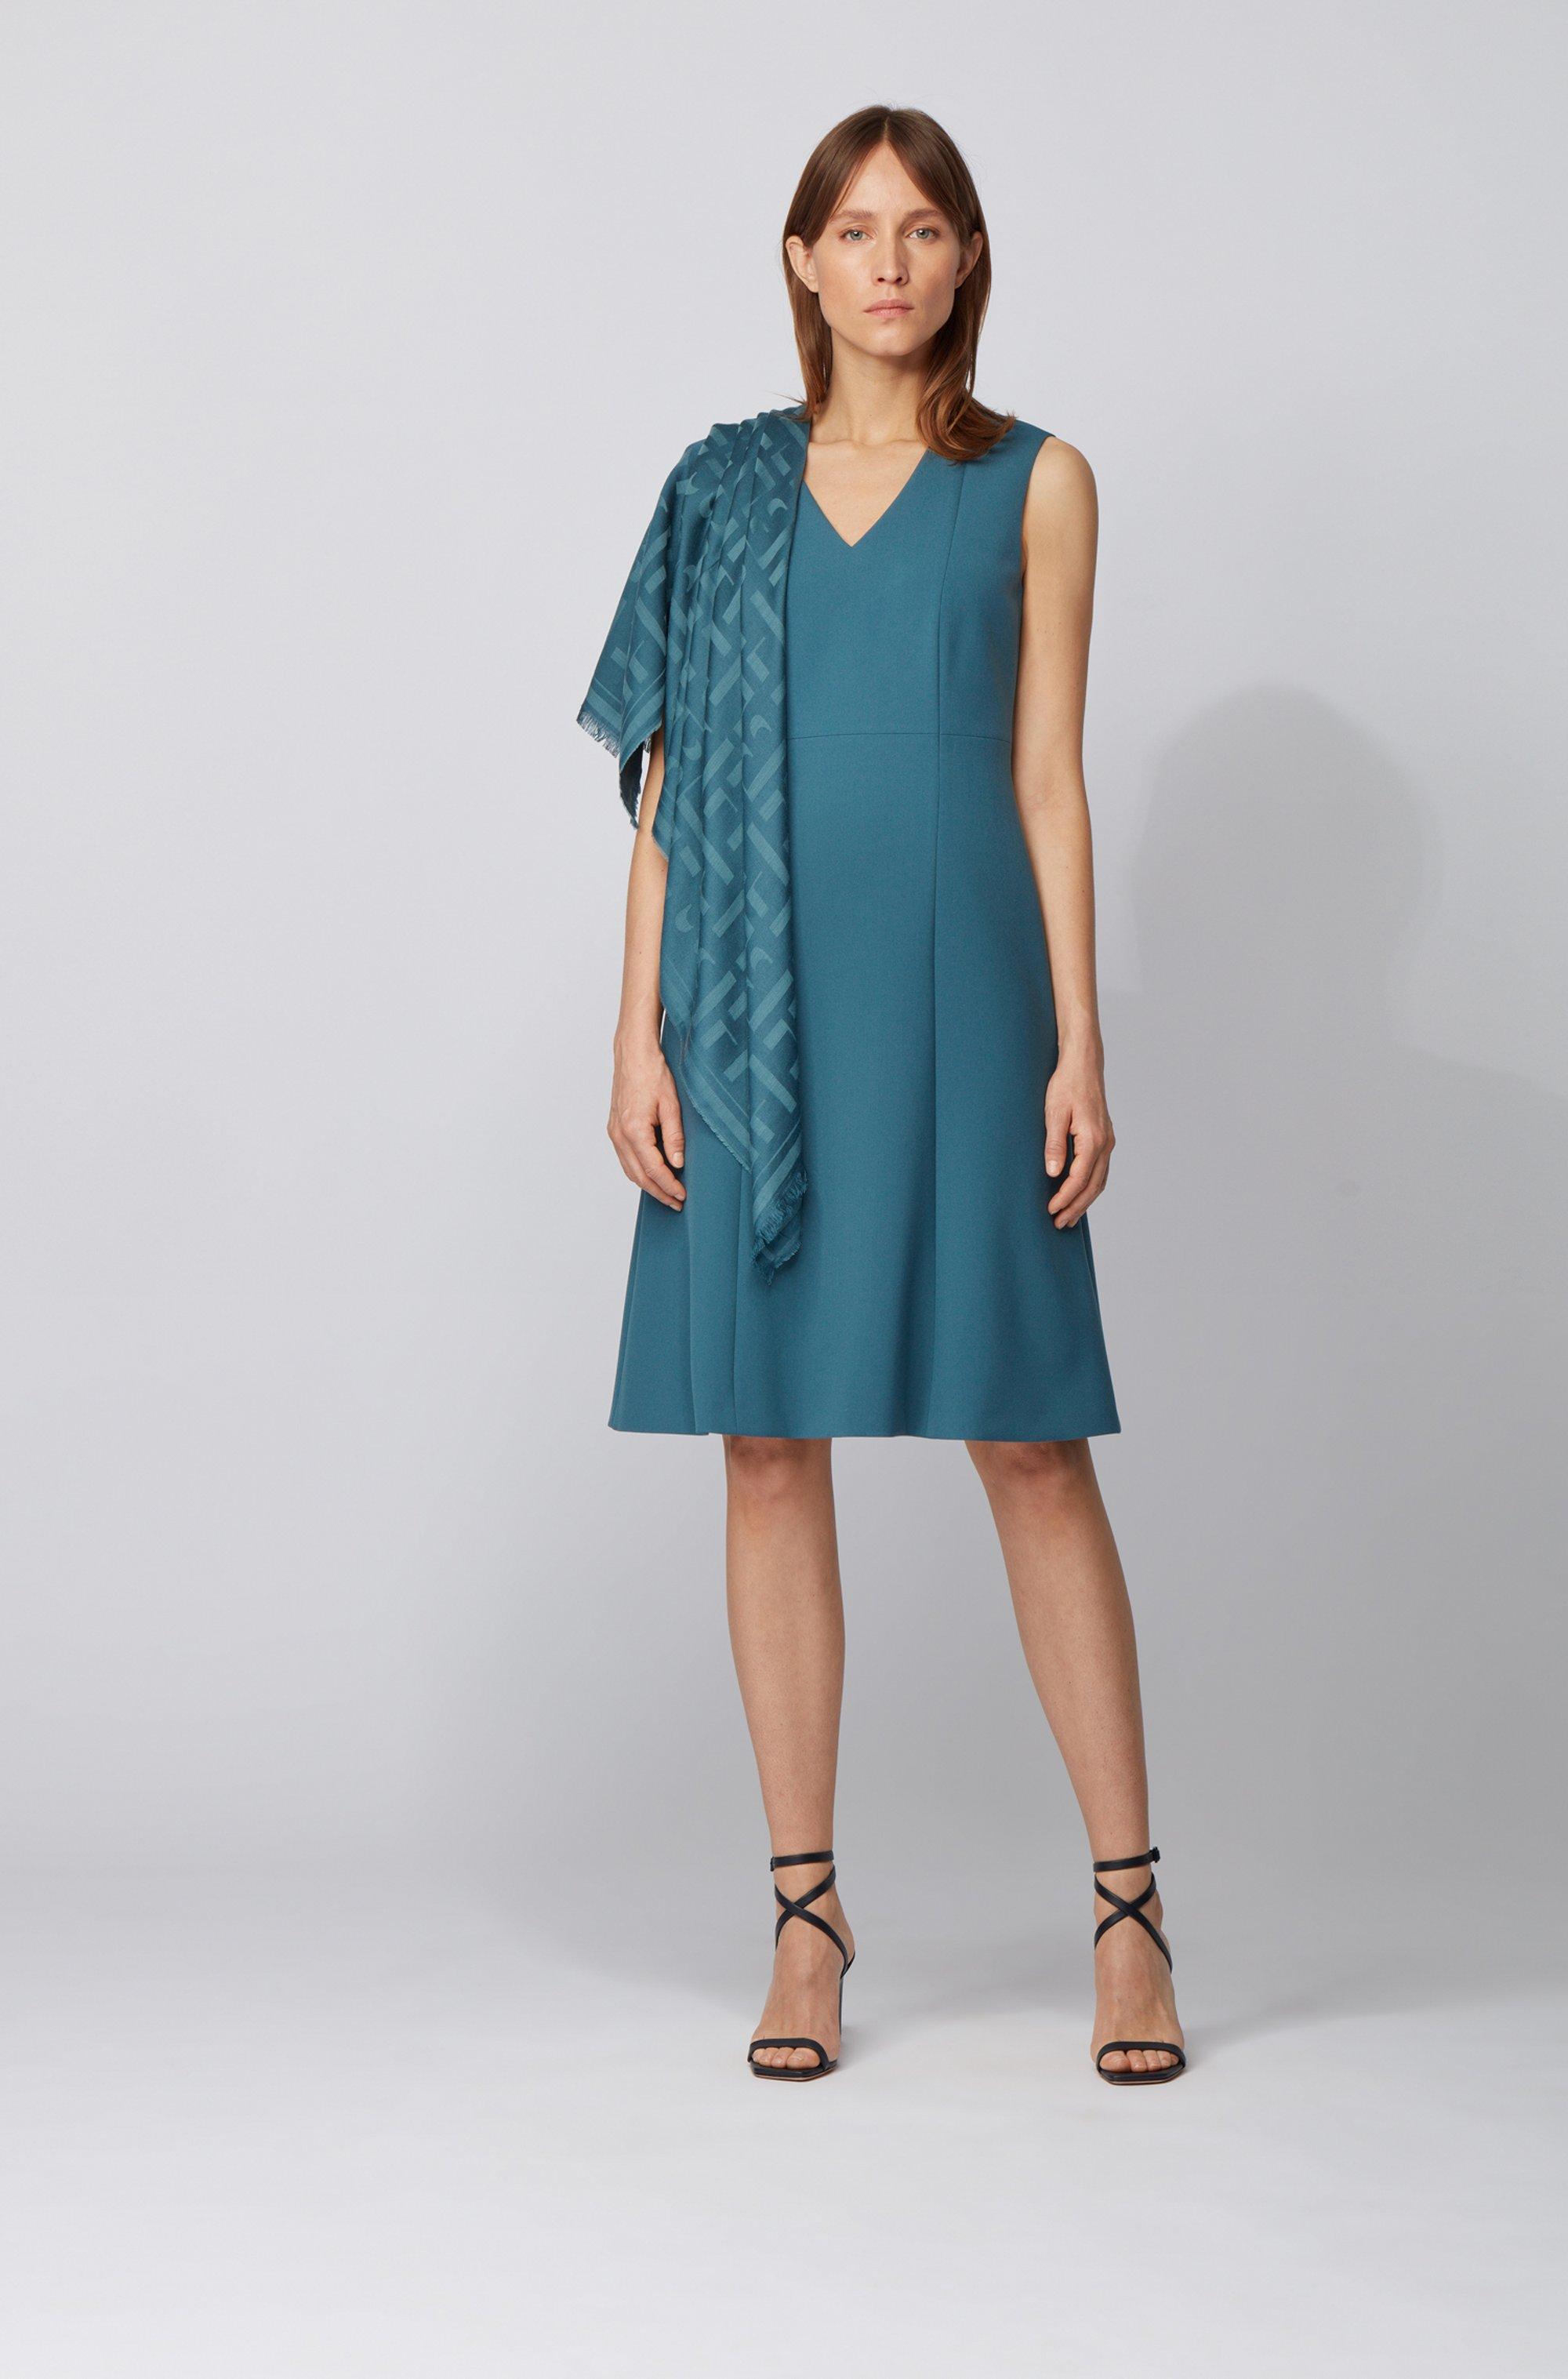 Kleid aus zweiseitigem, portugiesischem Stretch-Gewebe mit V-Ausschnitt